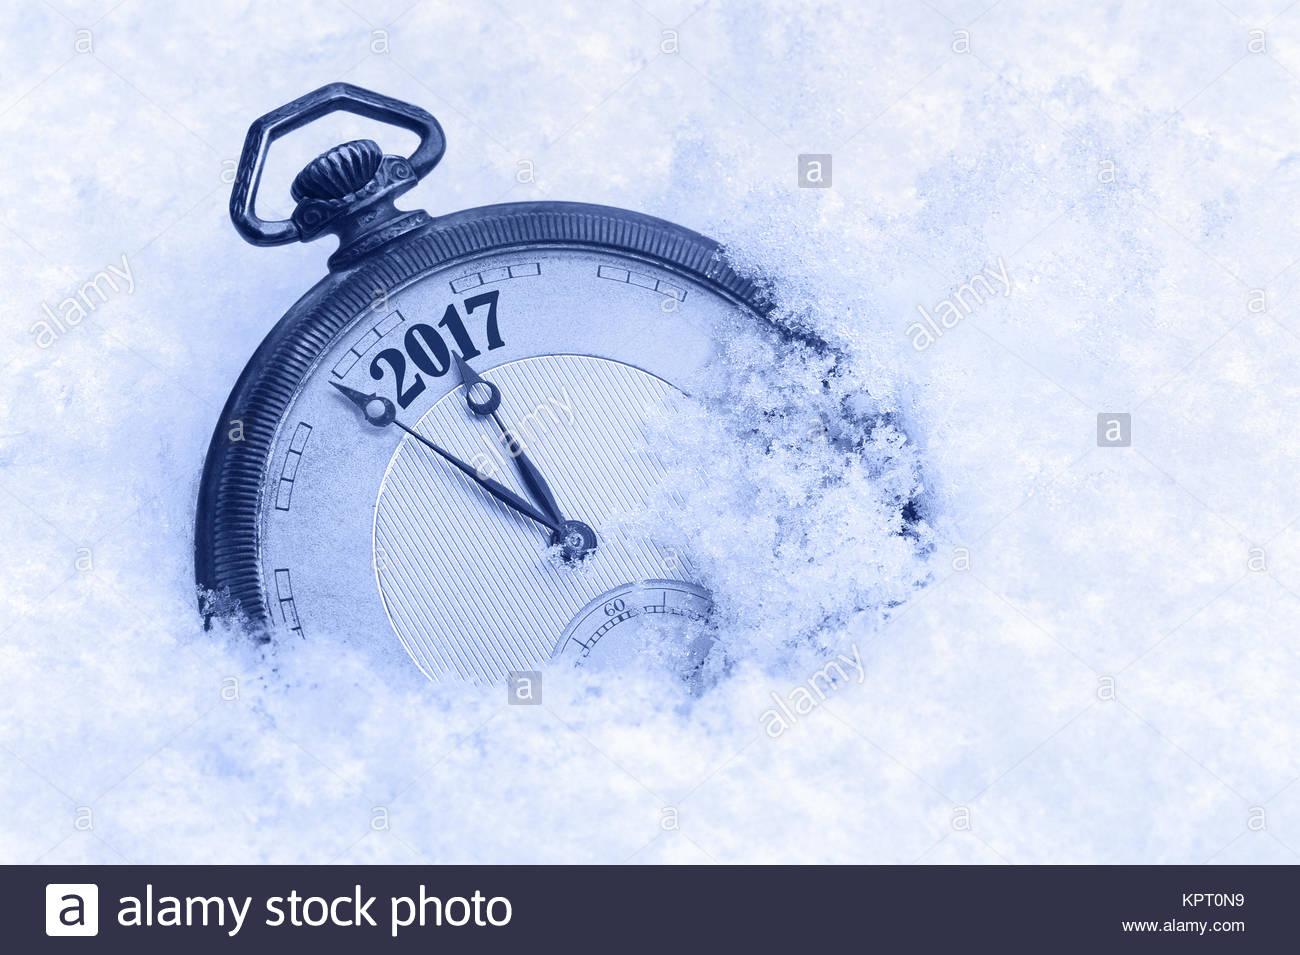 Neue Jahr 2017 Grußkarte, Neujahr 2017, Taschenuhr im Schnee, frohes neues Konzept Stockfoto